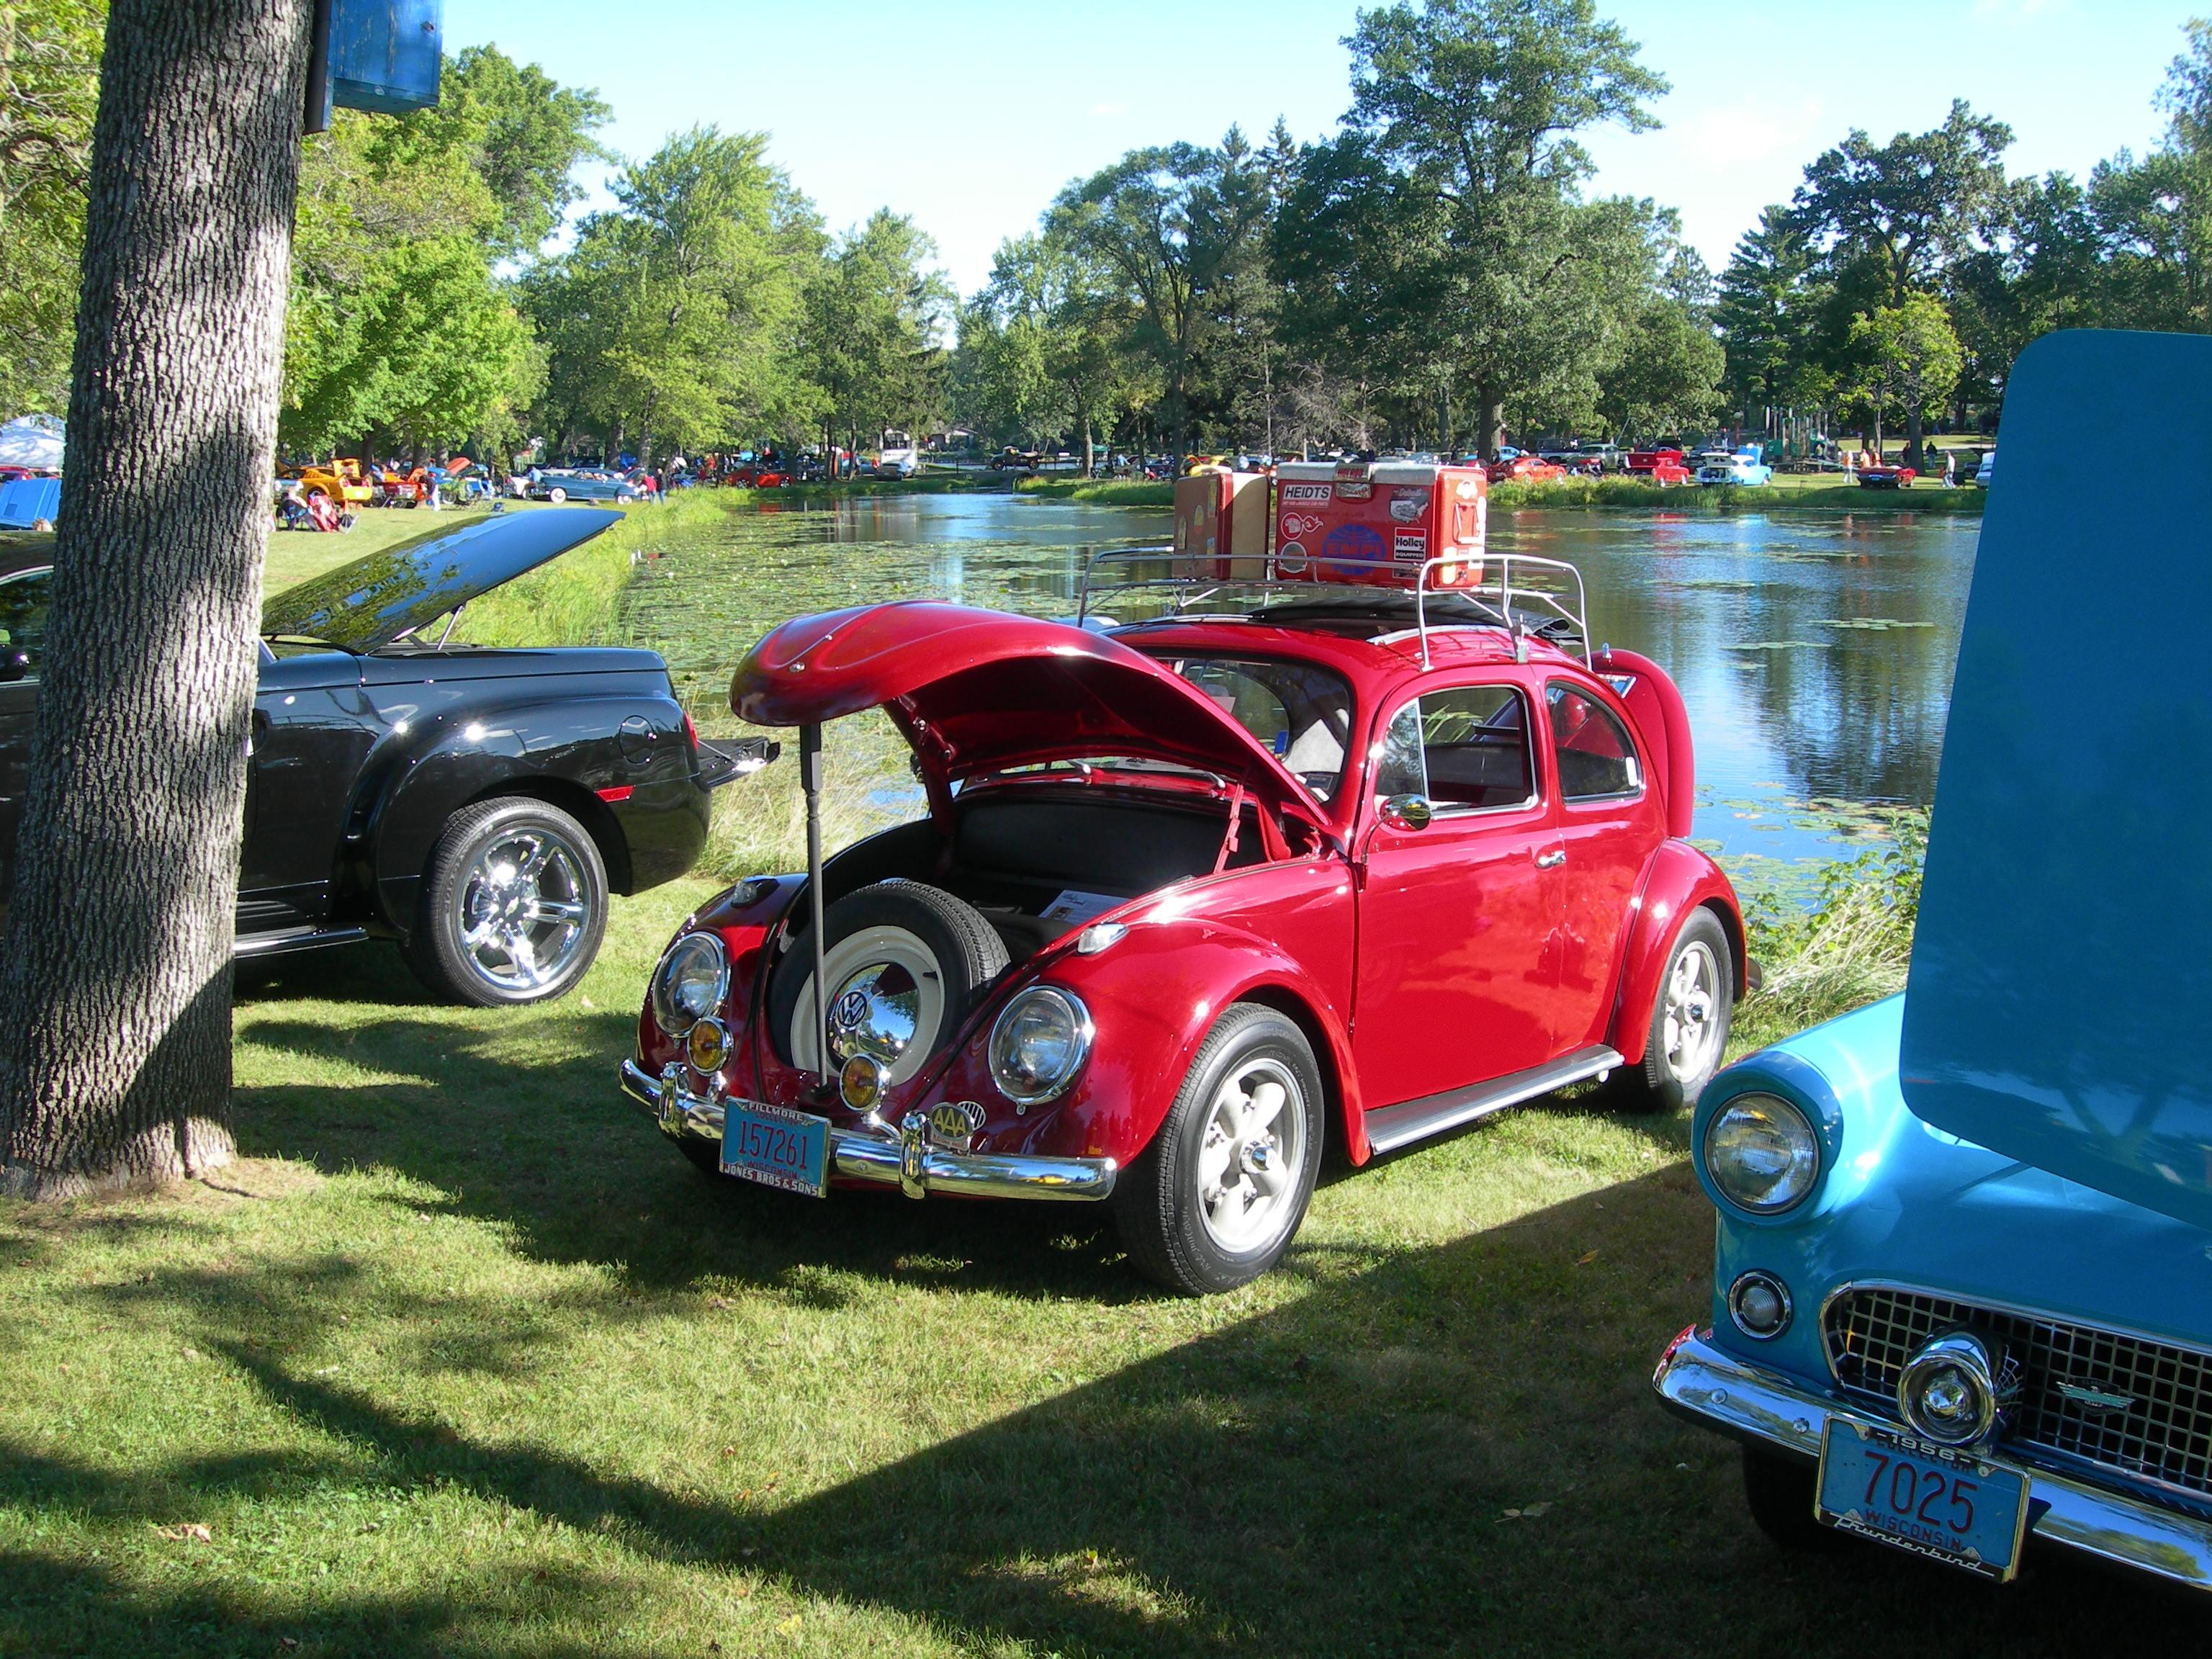 1958 Volkswagen Beetle Ragtop for trade for Bus